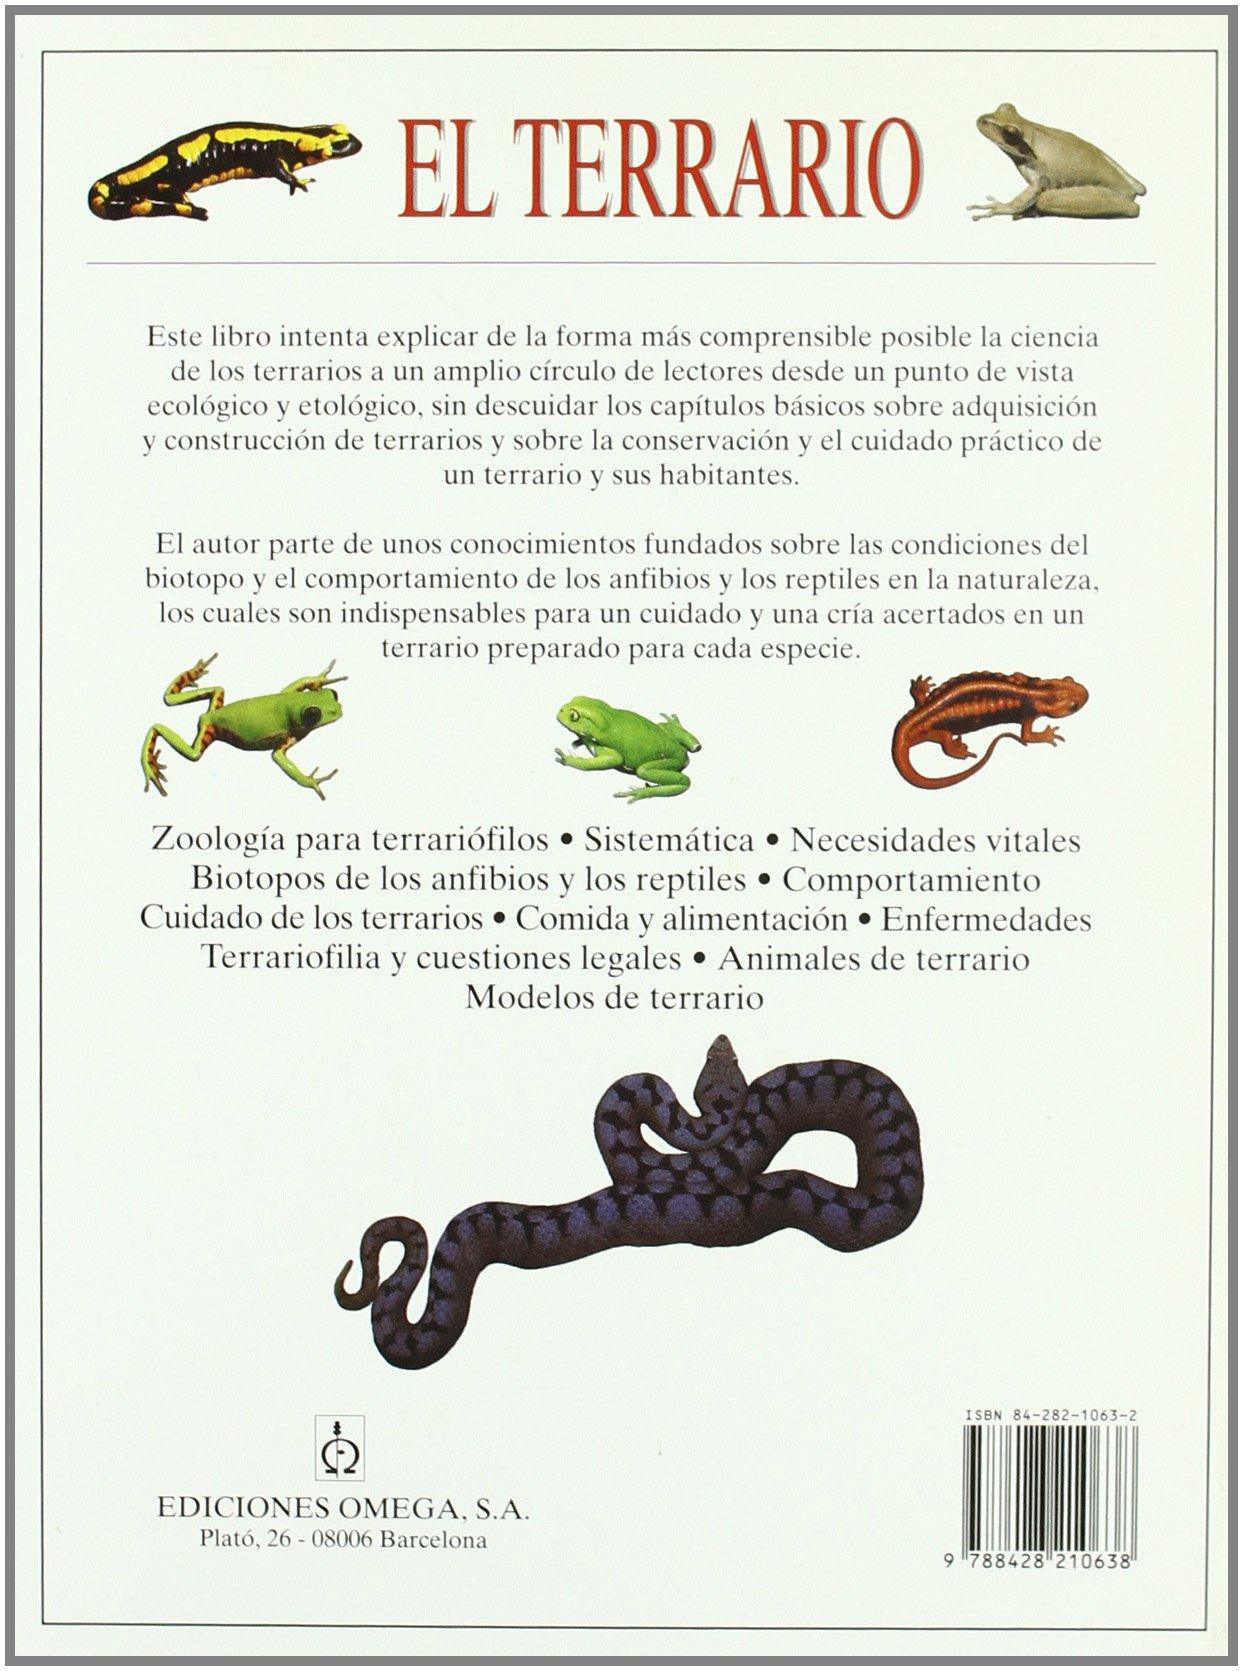 EL TERRARIO GUIAS DEL NATURALISTA-REPTILES -ANFIBIOS-TERRARIOS: Amazon.es: TRUTNAU, LUDWIG: Libros